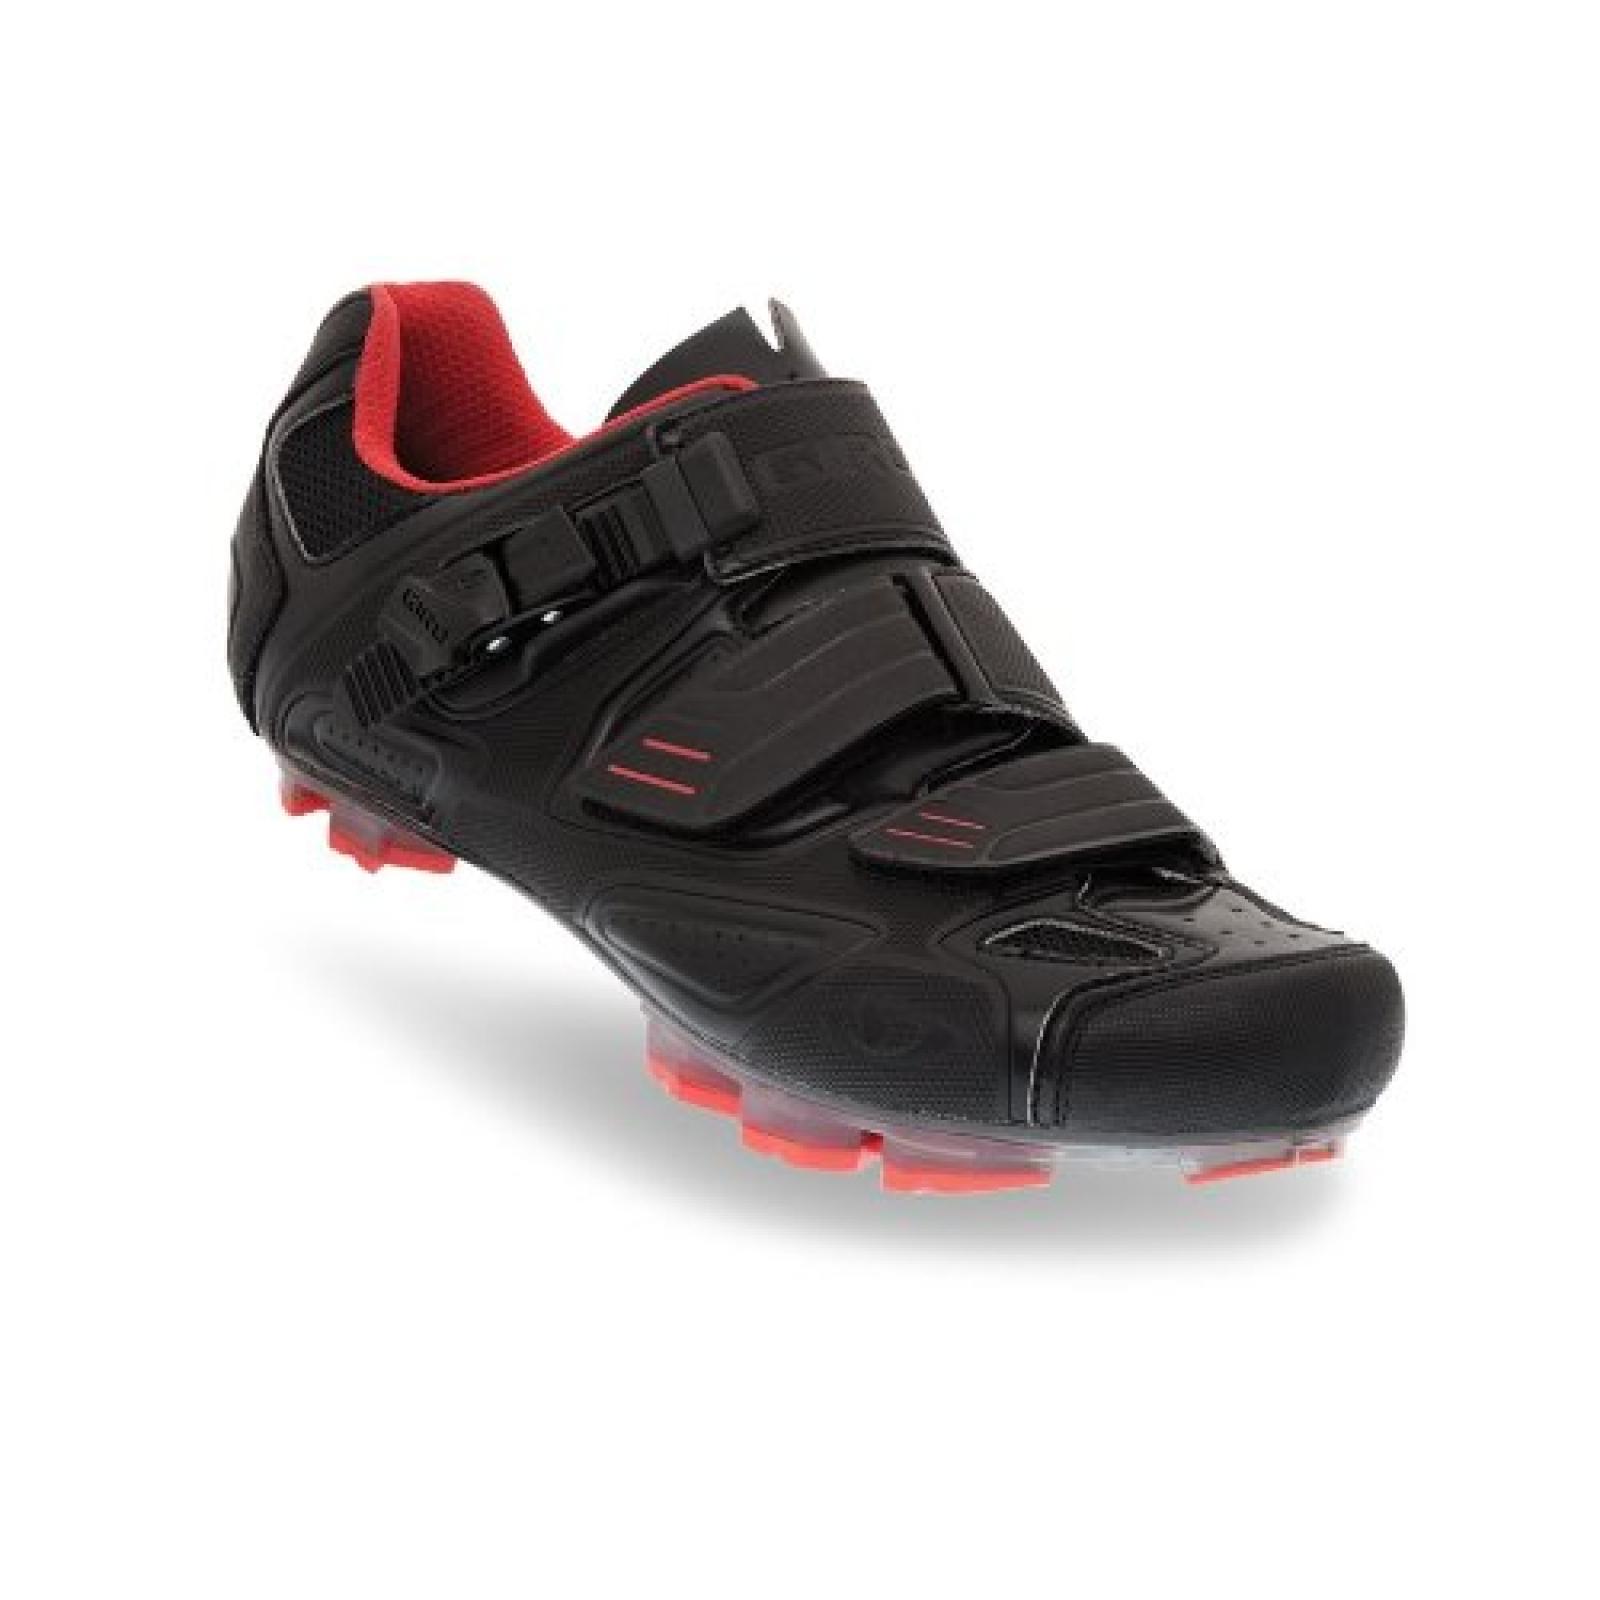 Giro Code MTB Fahrrad Schuhe schwarz 2013